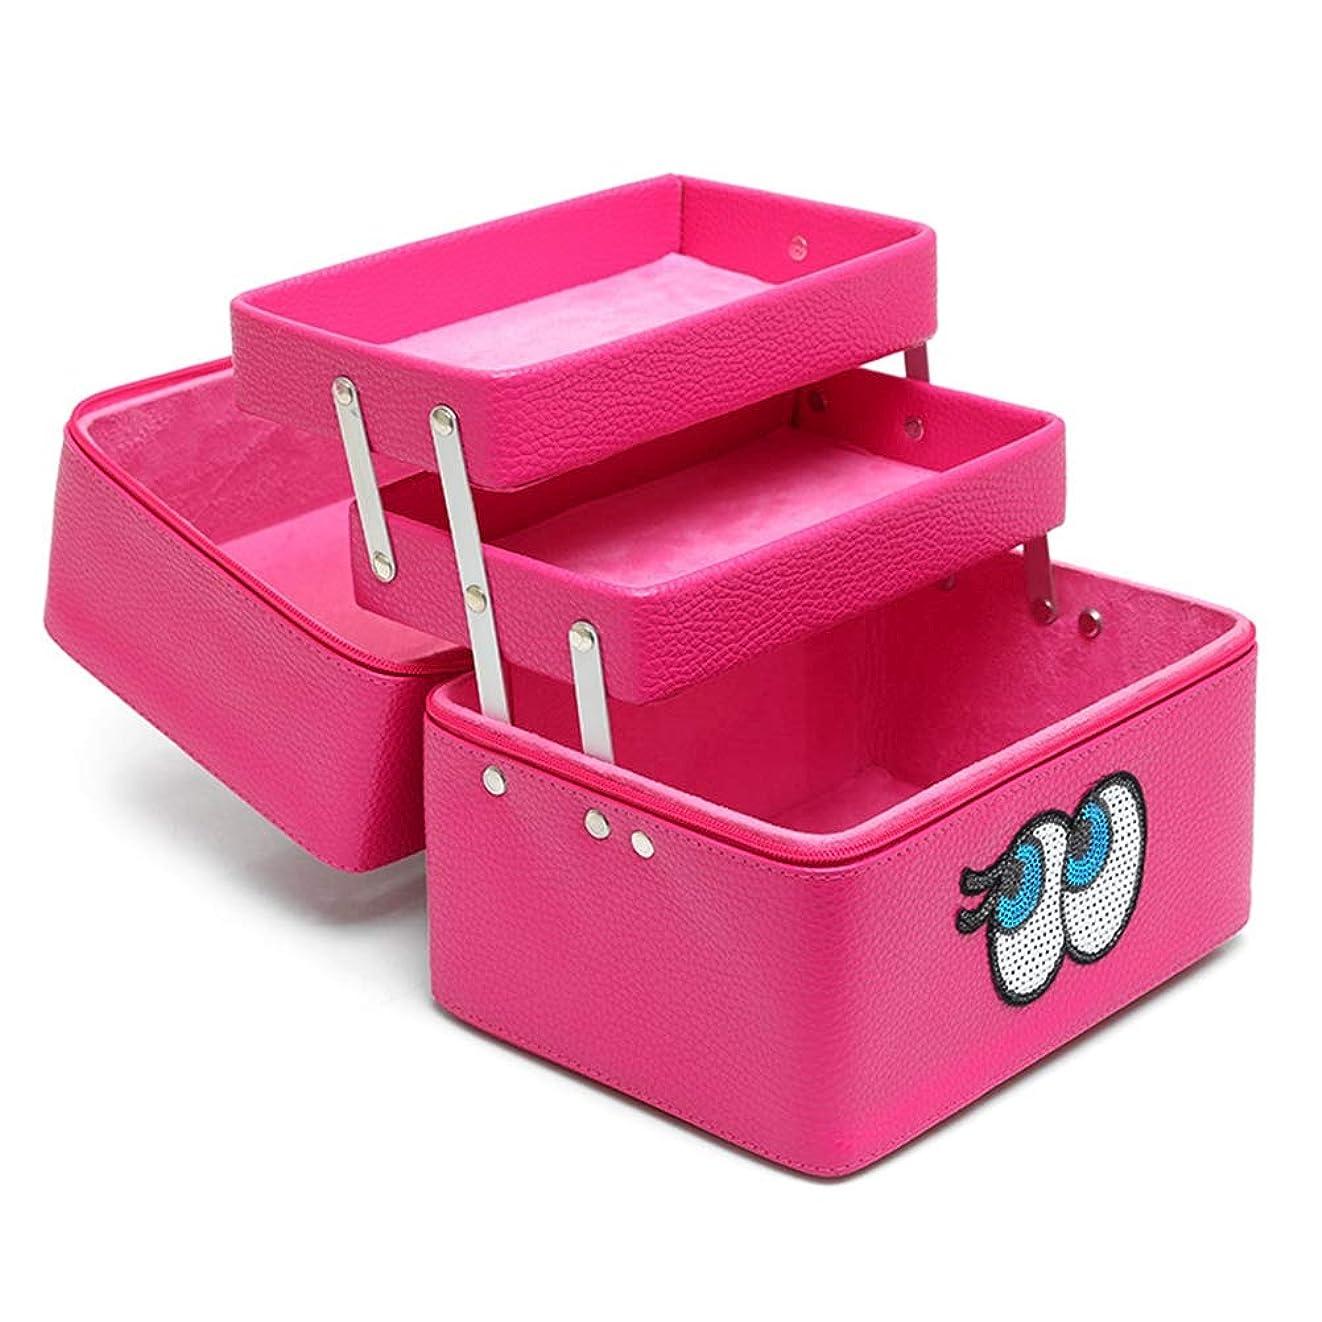 摘むやさしく無効にするメイクボックス 化粧品収納ボックス 多層 コスメボックス メイクケース スキンケア用品入れ 中身 コスメ収納 取っ手付き 持ち運び 防水 ファスナー 可愛い 防塵 鏡付き 機能的 プロ 化粧BOX